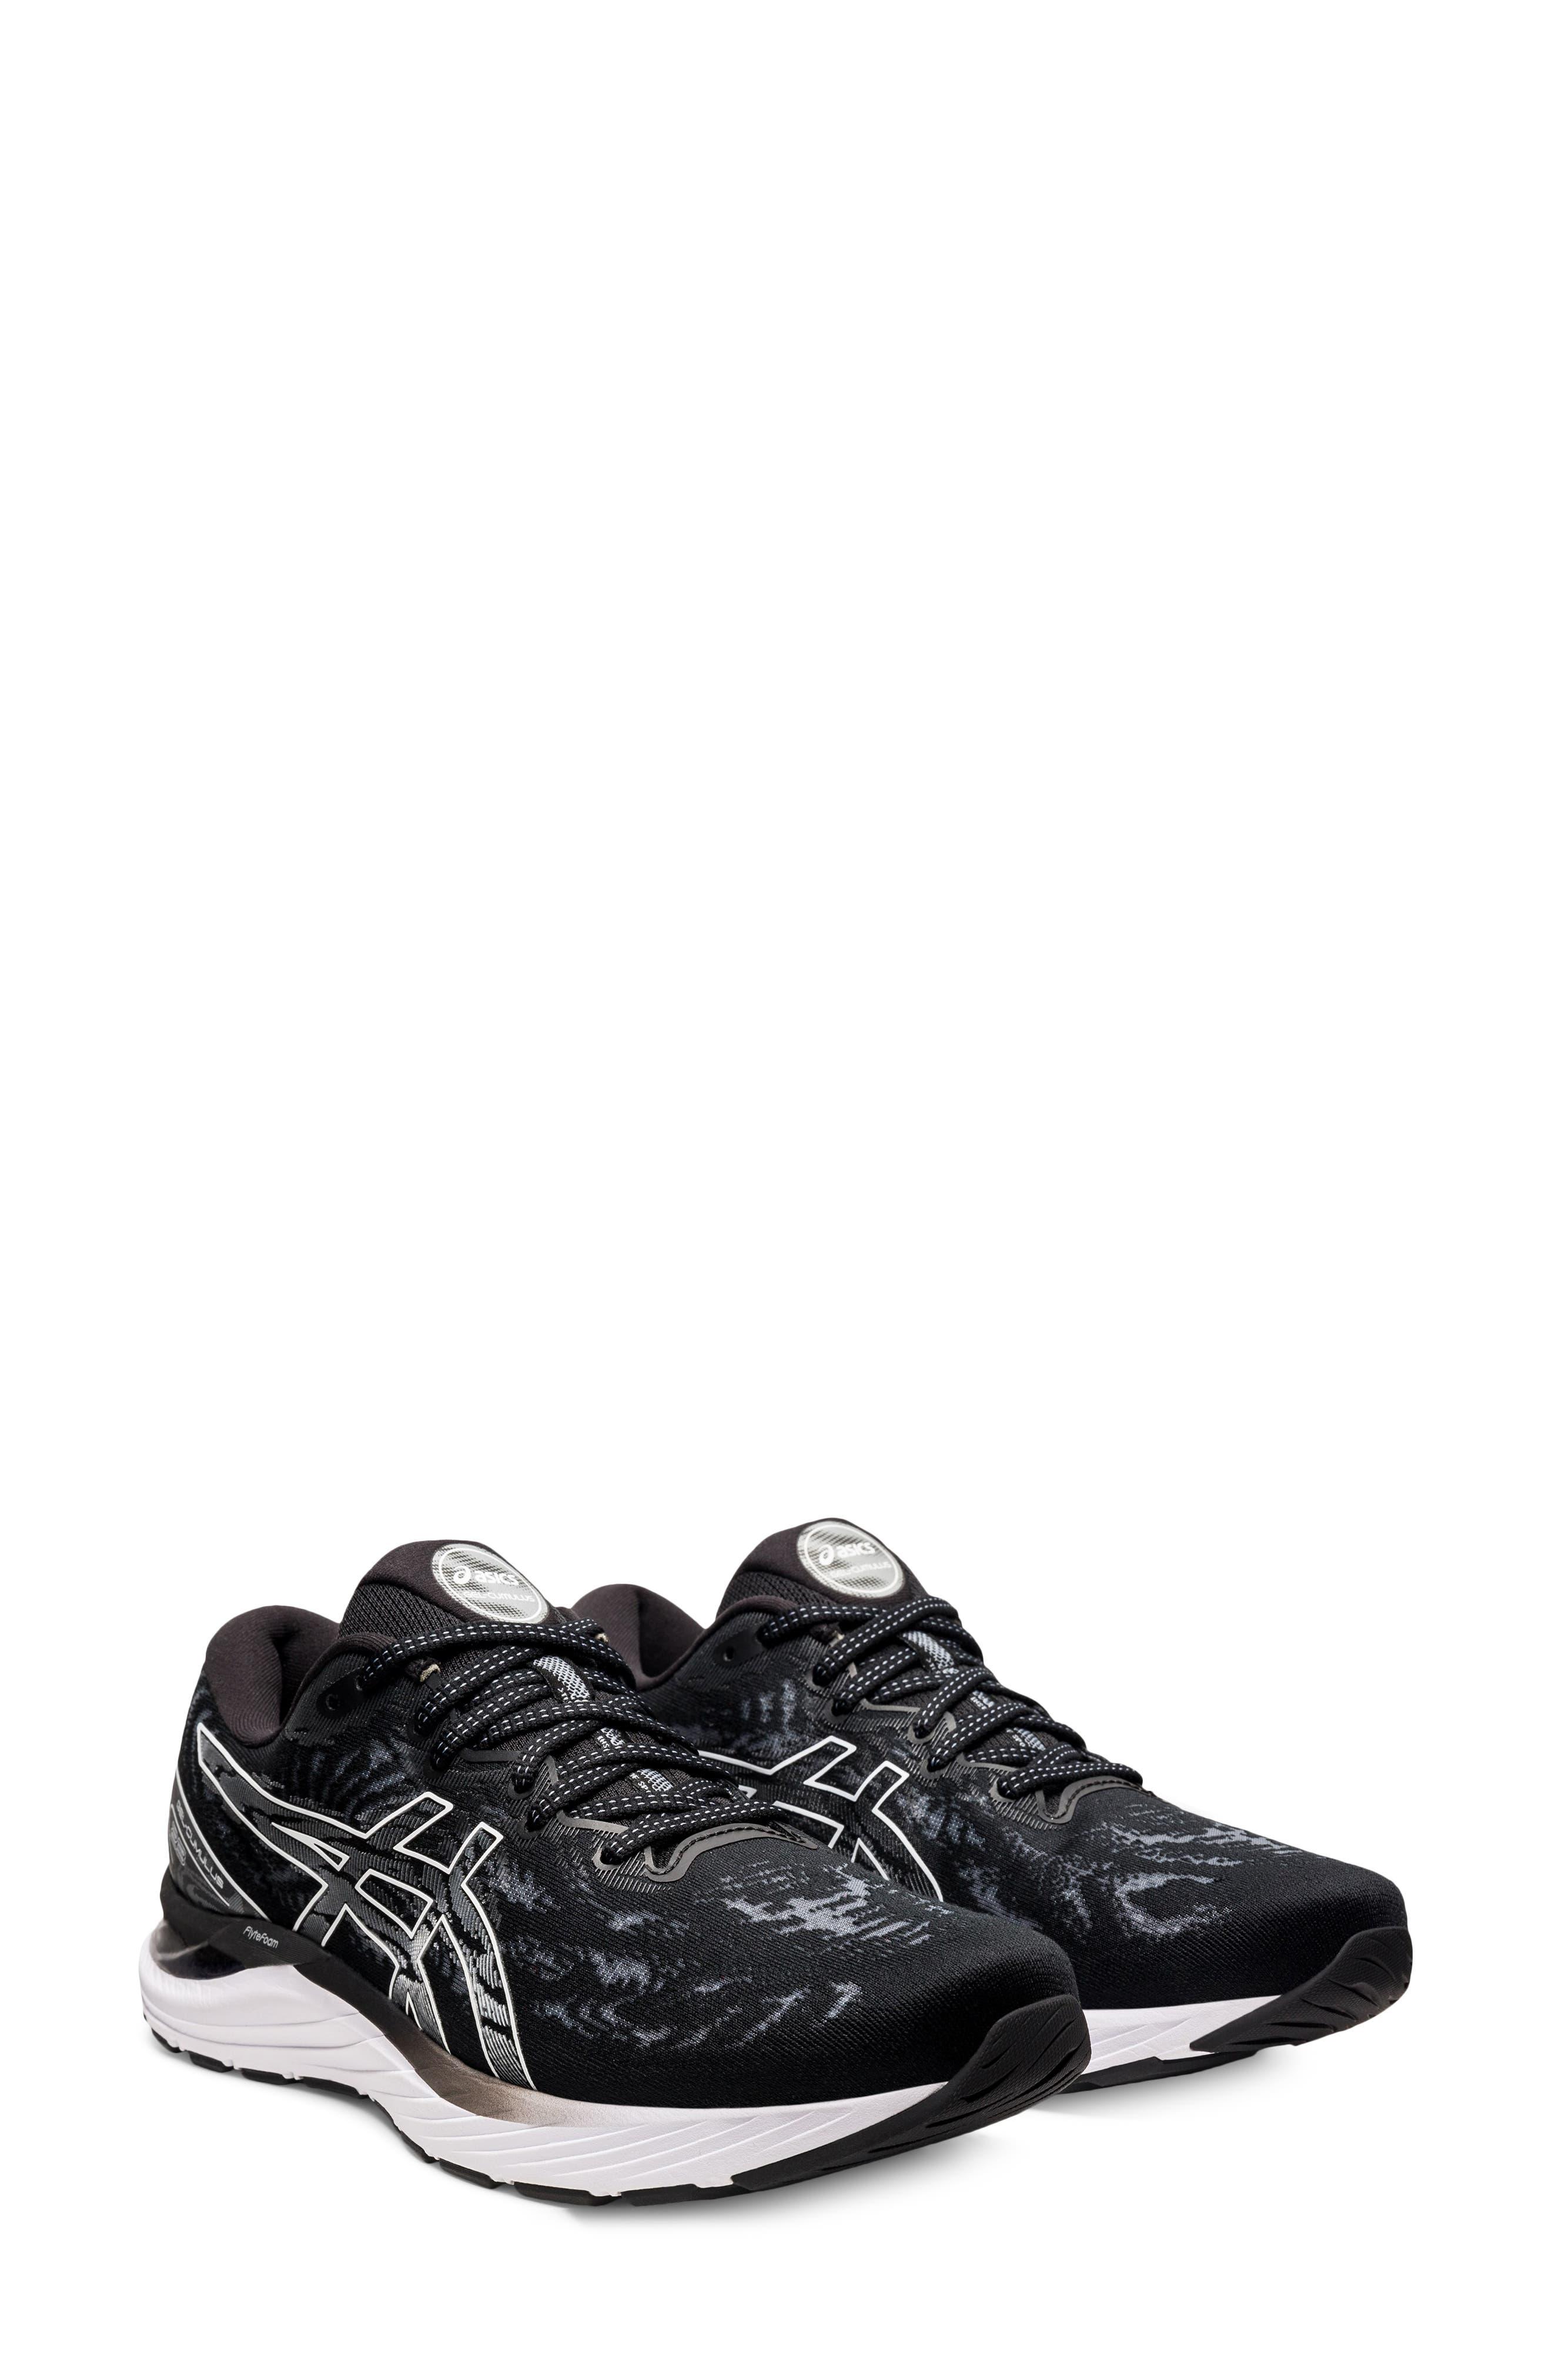 Men's Asics Gel-Cumulus 23 Running Shoe